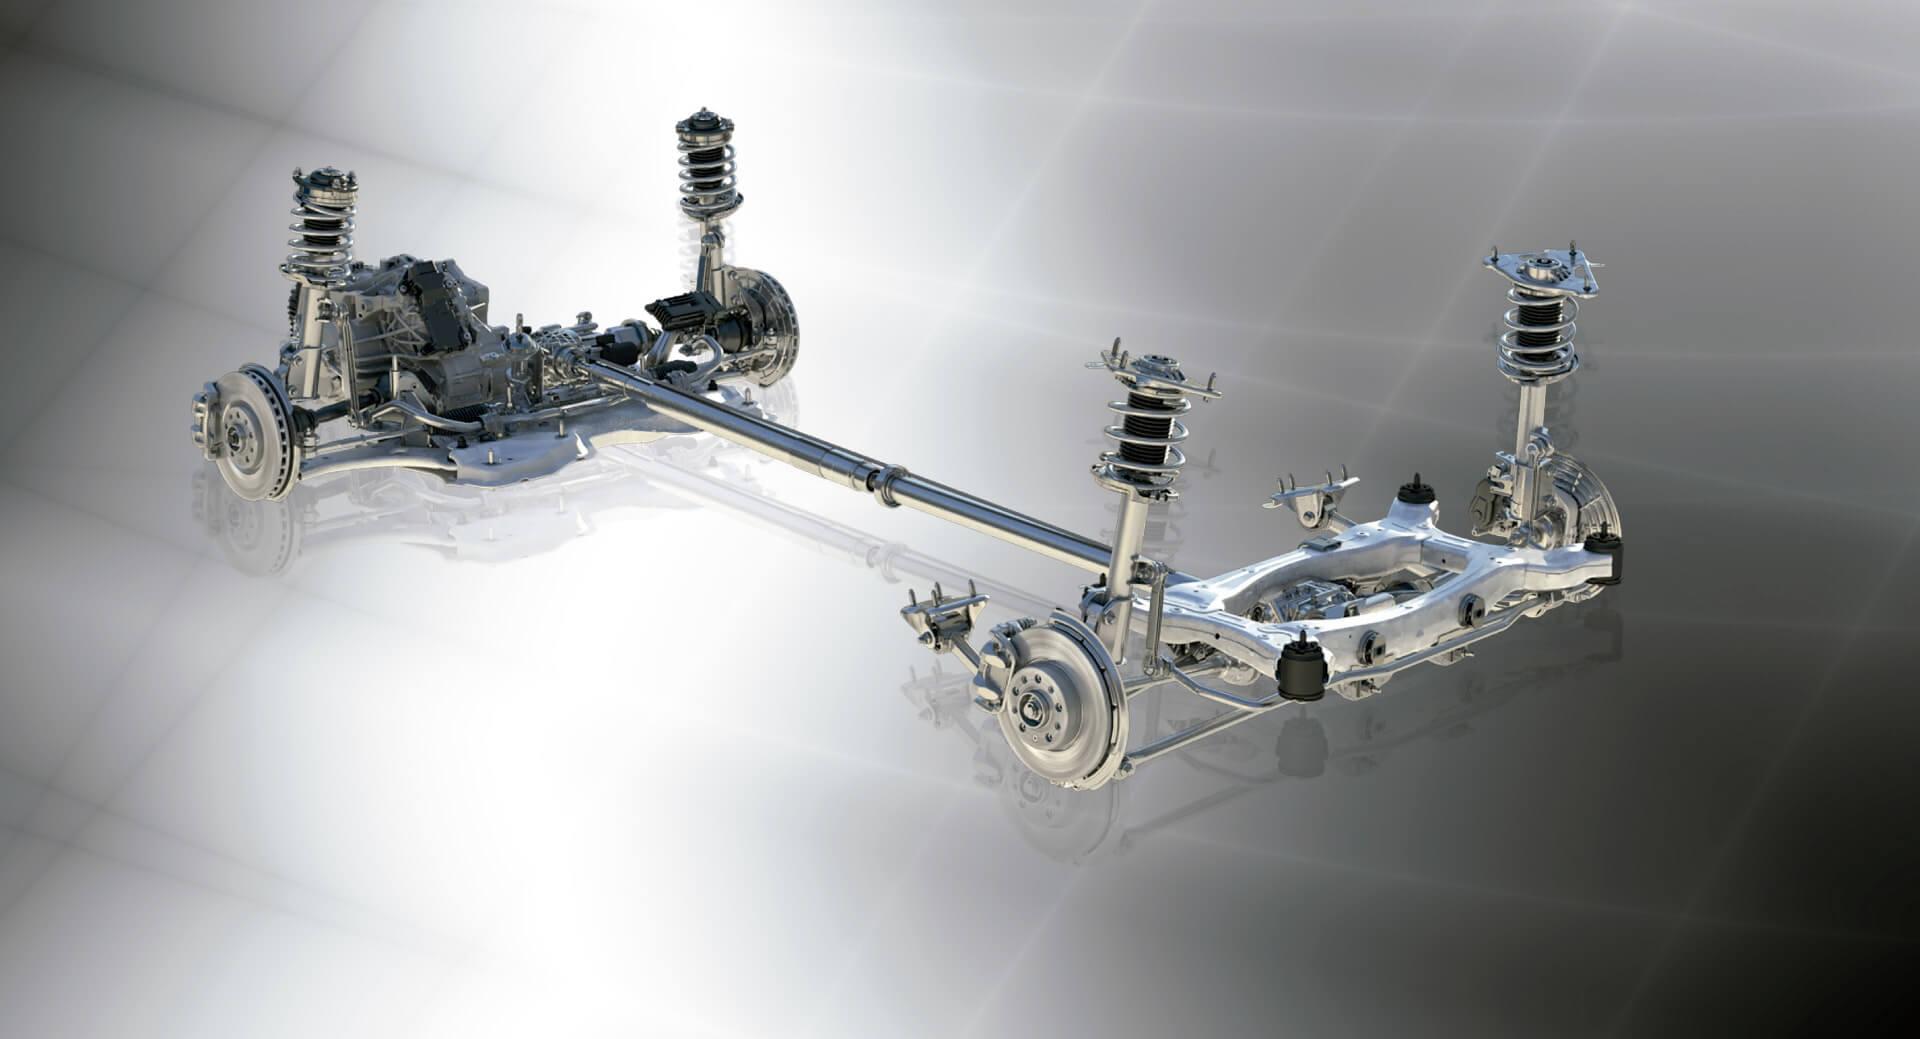 FIAT 500X - Performance